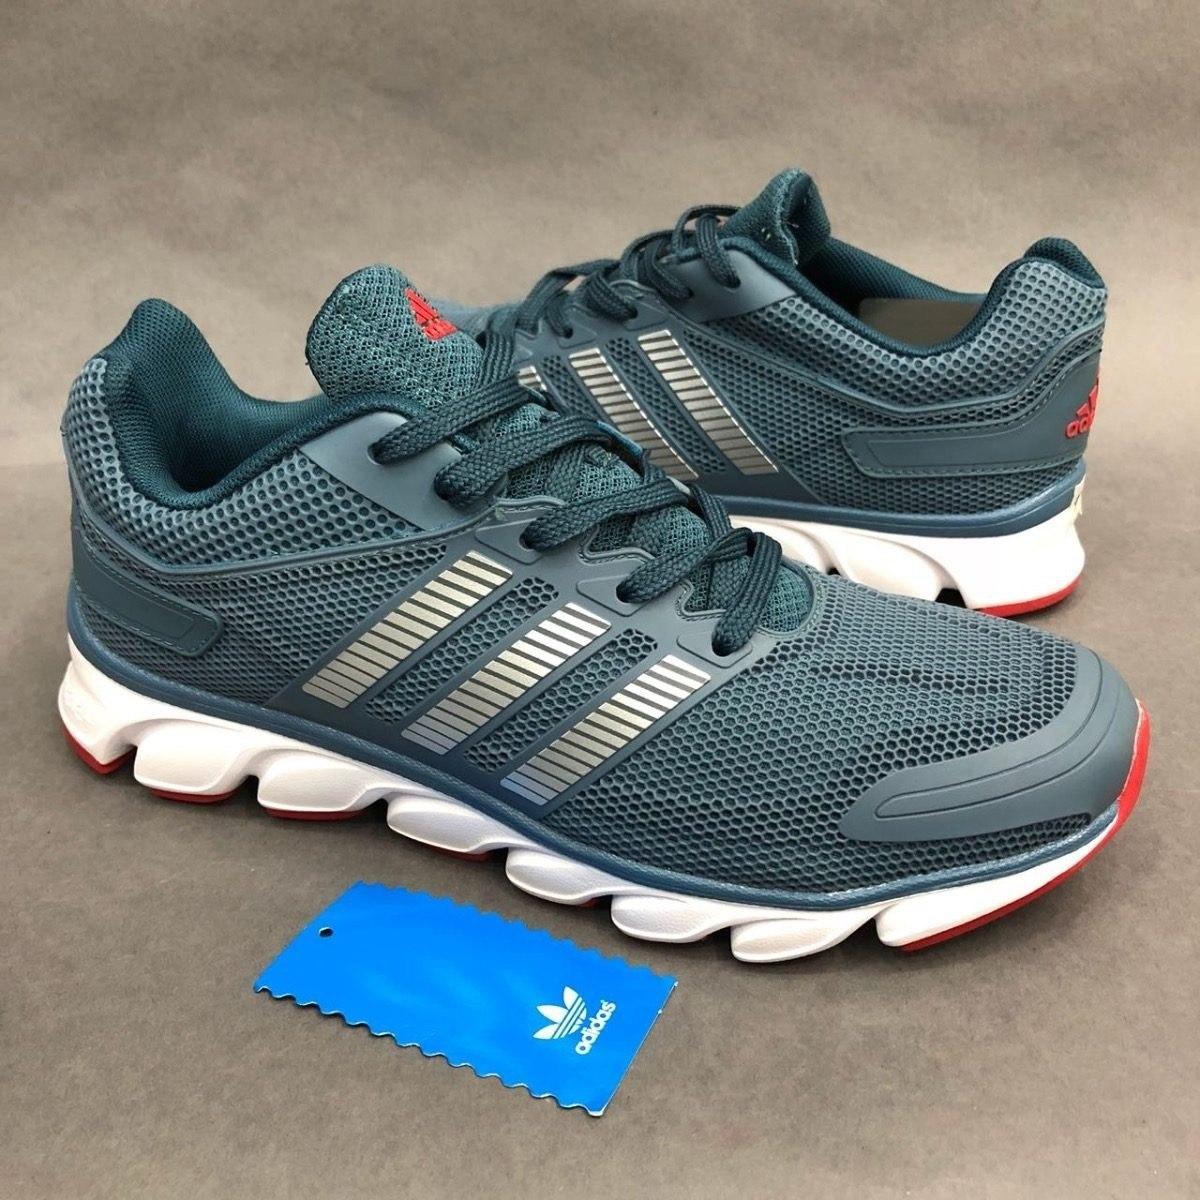 newest 24b82 bf1b2 ... france tenis zapatillas adidas climacool ride gris azul hombre.  cargando zoom. 6d3de 58c88